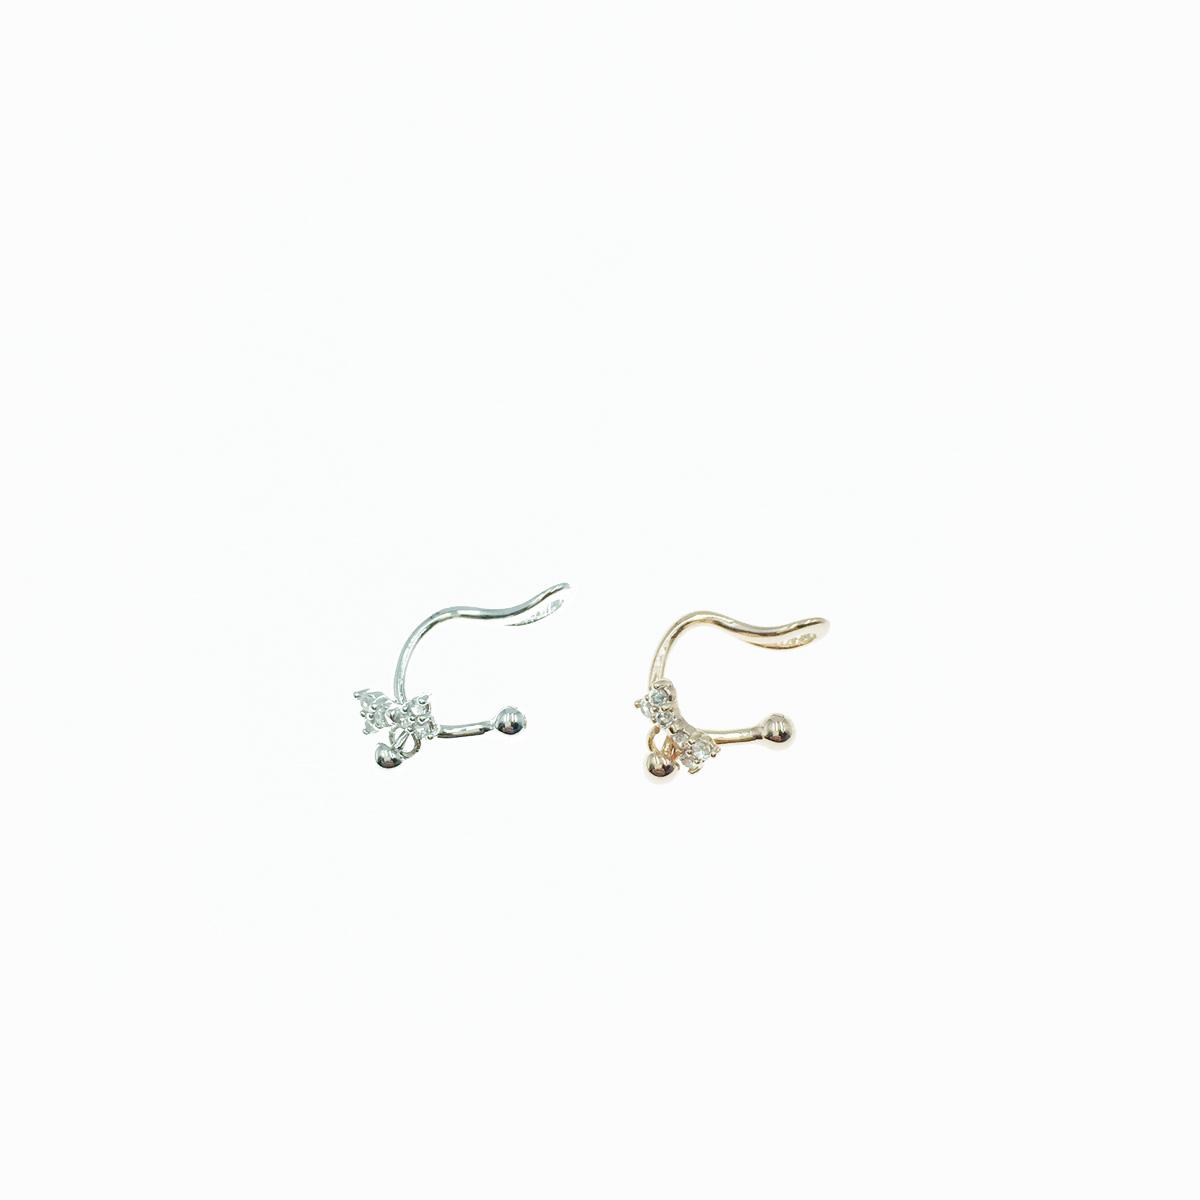 韓國 小蝴蝶結 水鑽吊飾 玫瑰金 銀色 耳骨夾